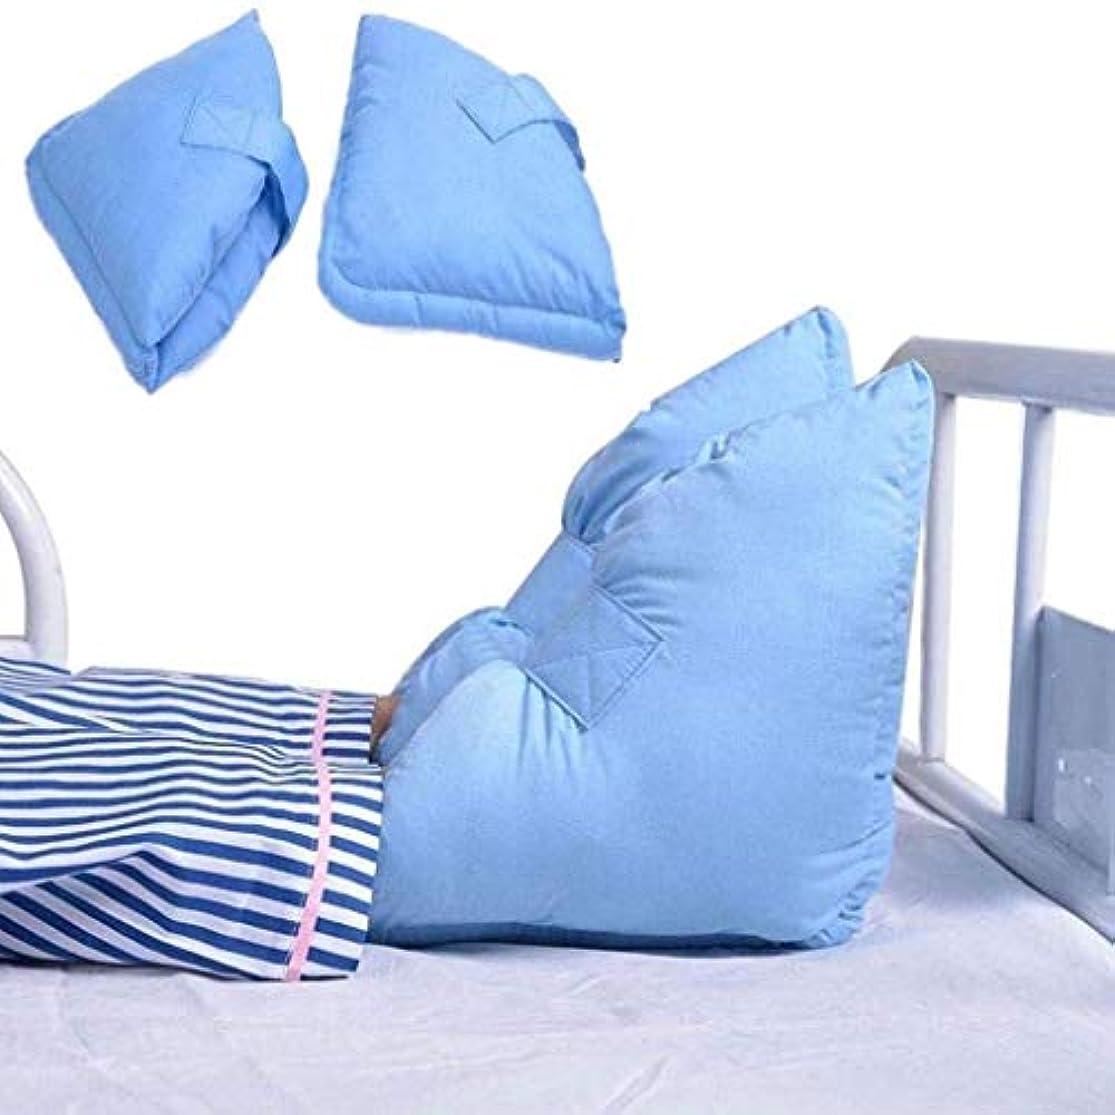 補正音声嬉しいですTONGSH かかと足首足保護具、圧力緩和のためのポリエステル/綿カバー付き保護枕クッション、ワンサイズフィット、ほとんどの場合、ライトブルー、1ペア